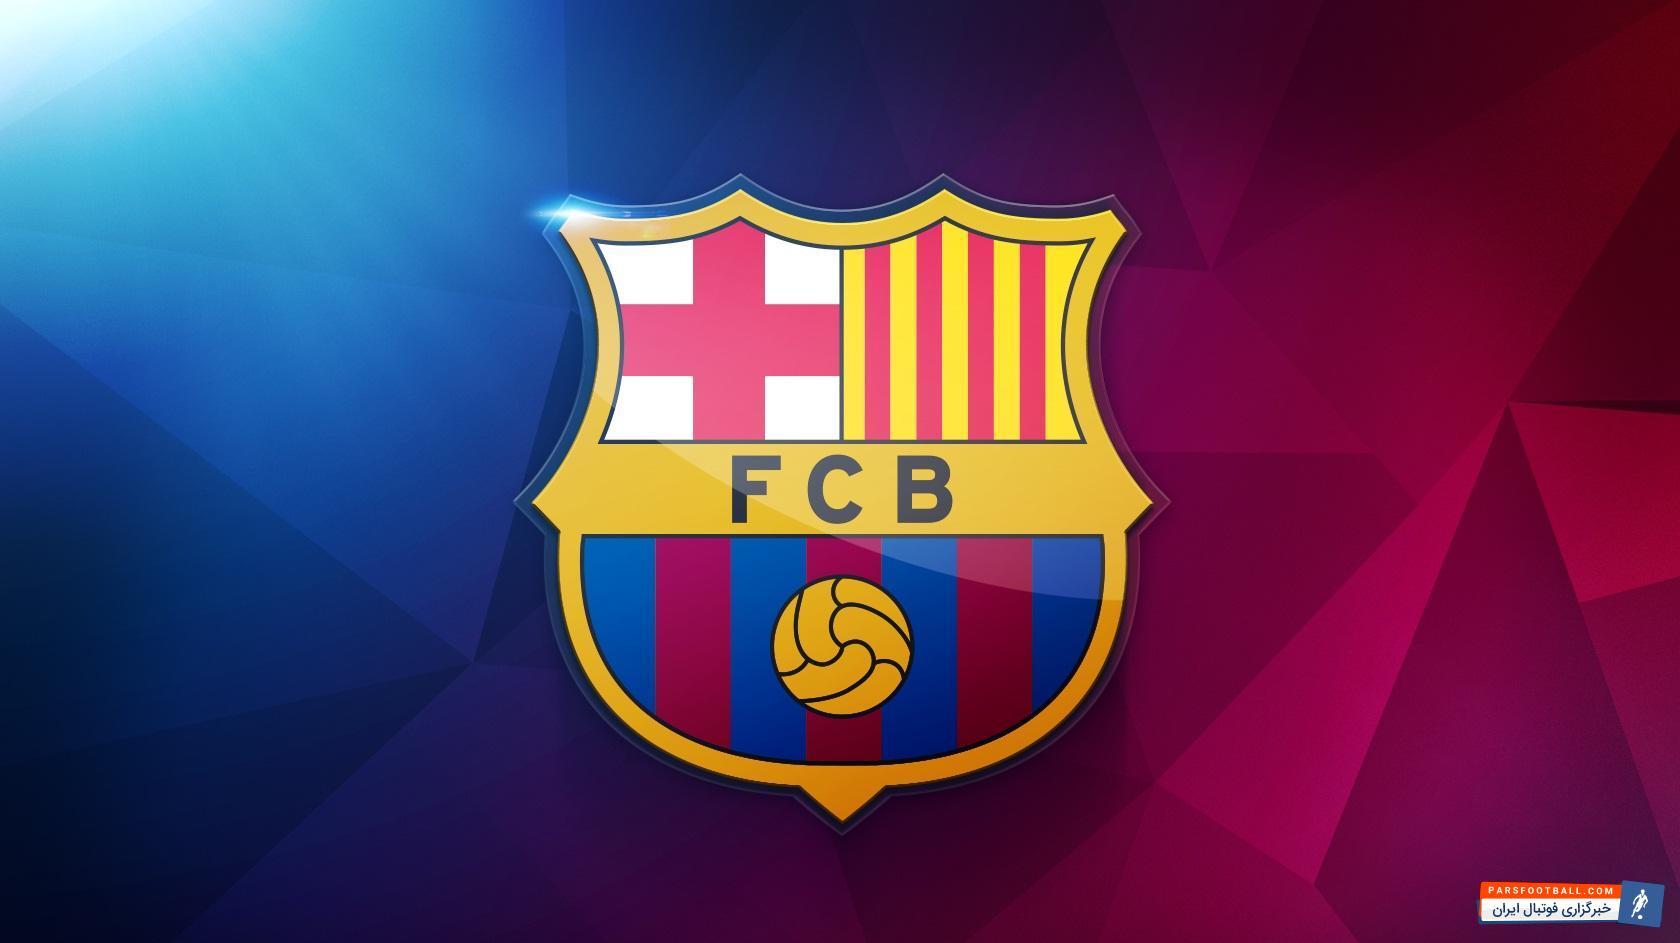 بارسلونا ؛ کنترل دیدنی توپ از سوی بازیکنان رده جوانان تیم فوتبال بارسلونا